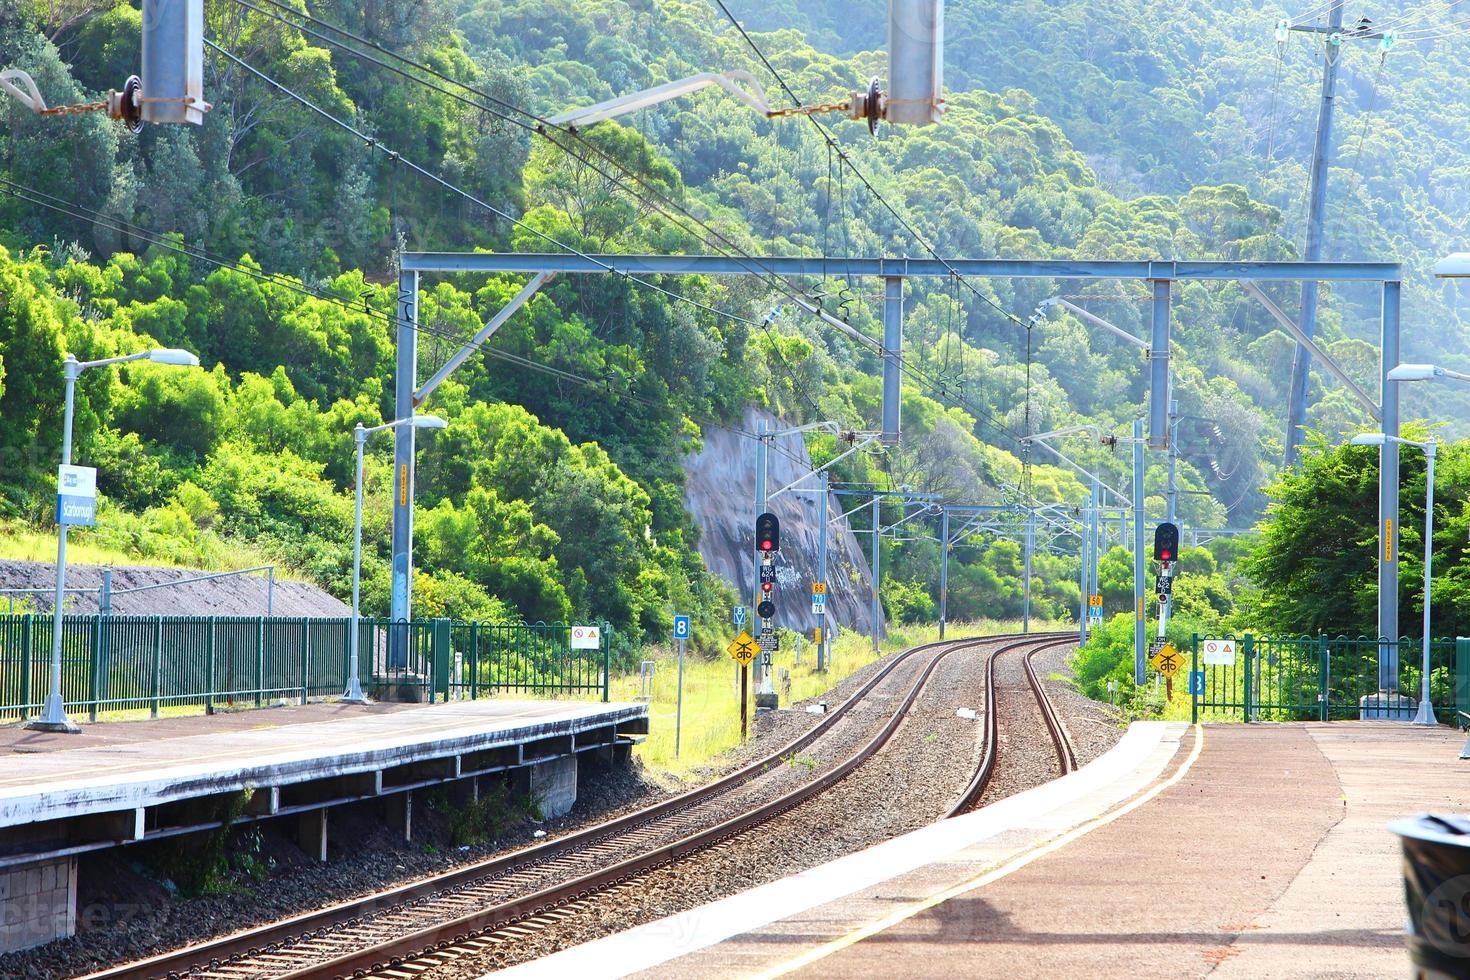 Bahnhof, Australien foto